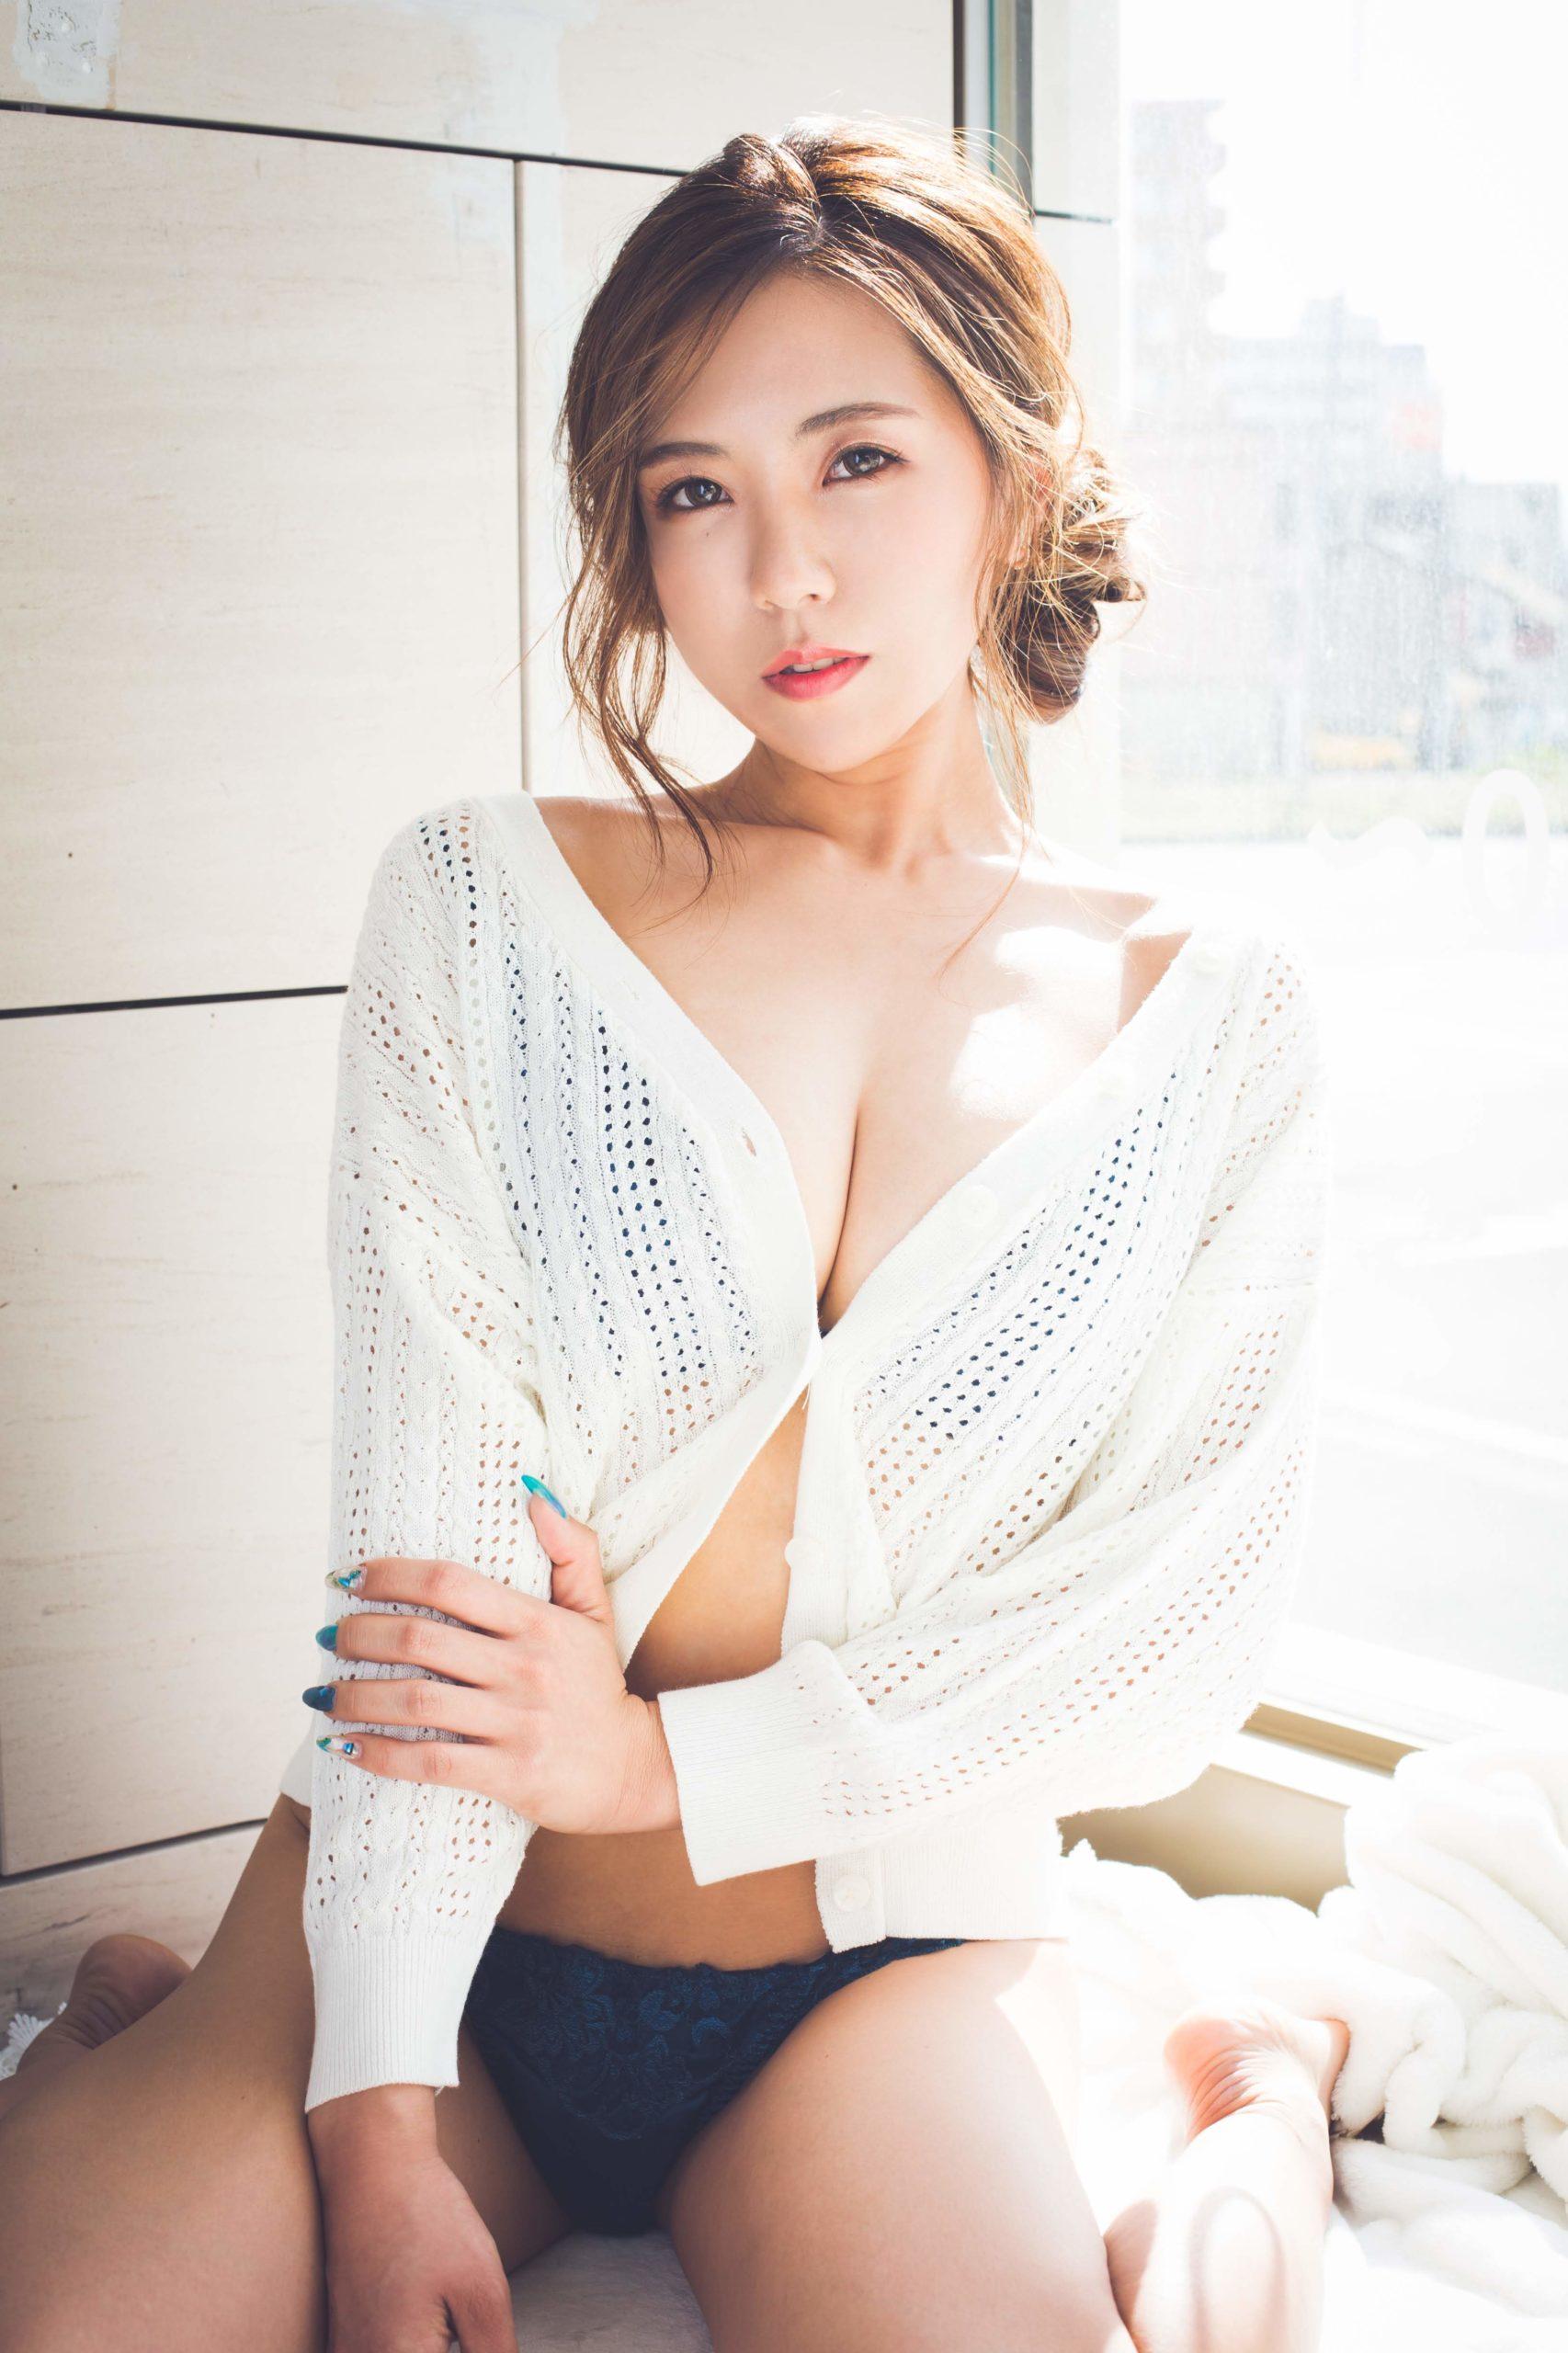 fujisaki_miyu_s_t_02